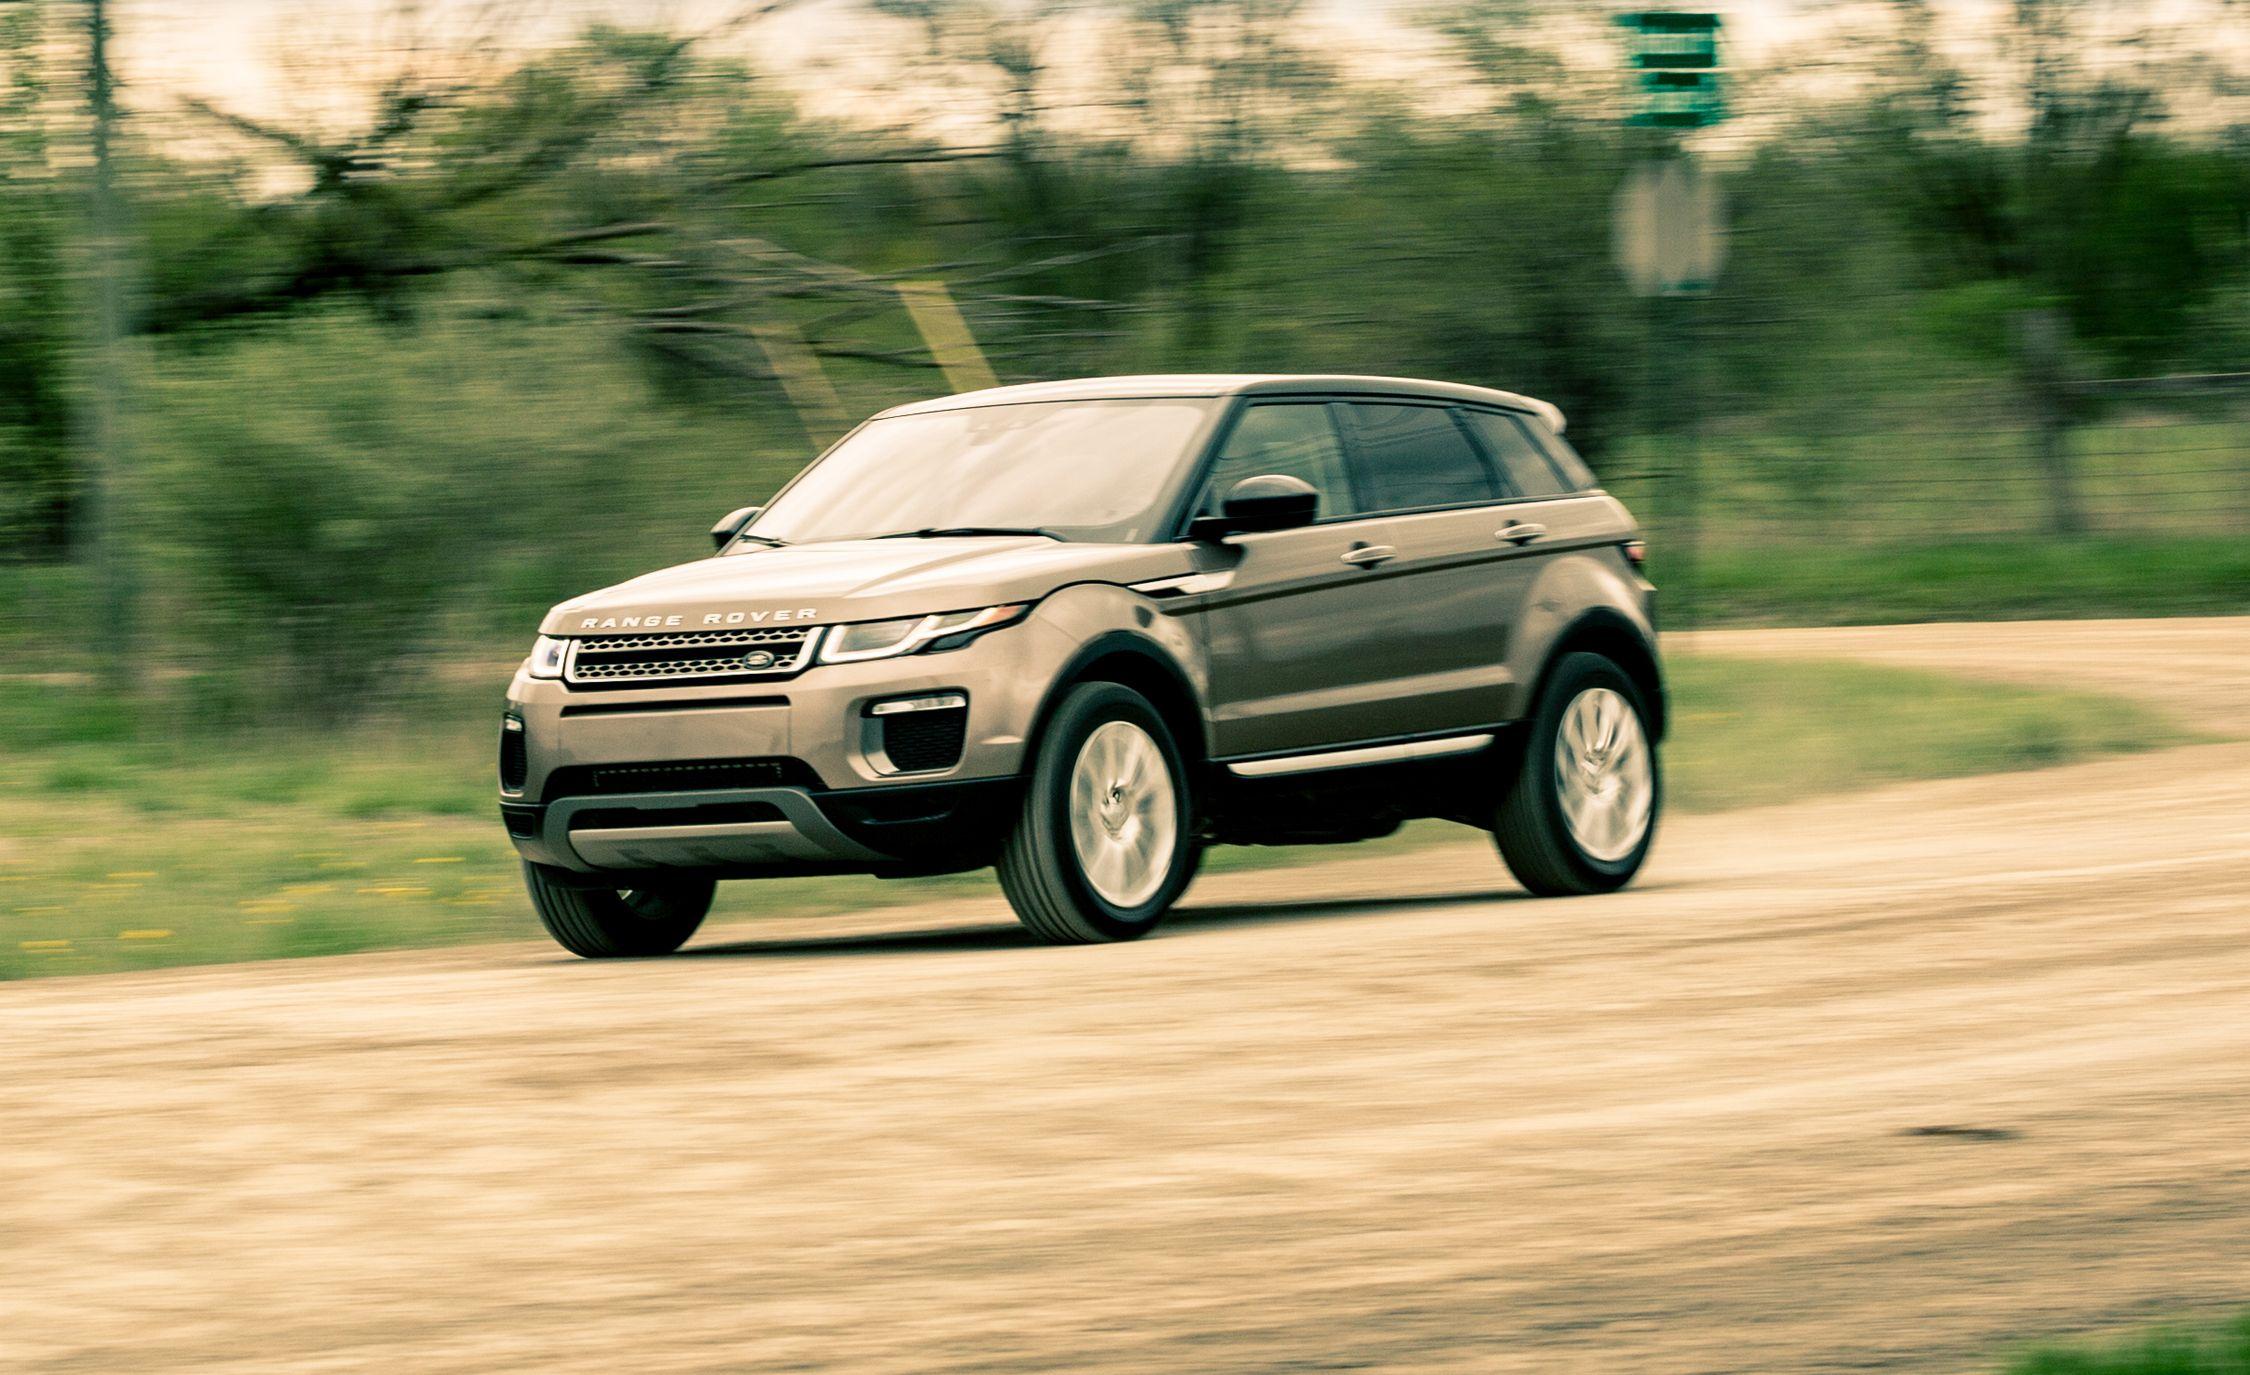 Evoque 2018 Review >> 2018 Land Rover Range Rover Evoque Review 2018 Land Rover Range